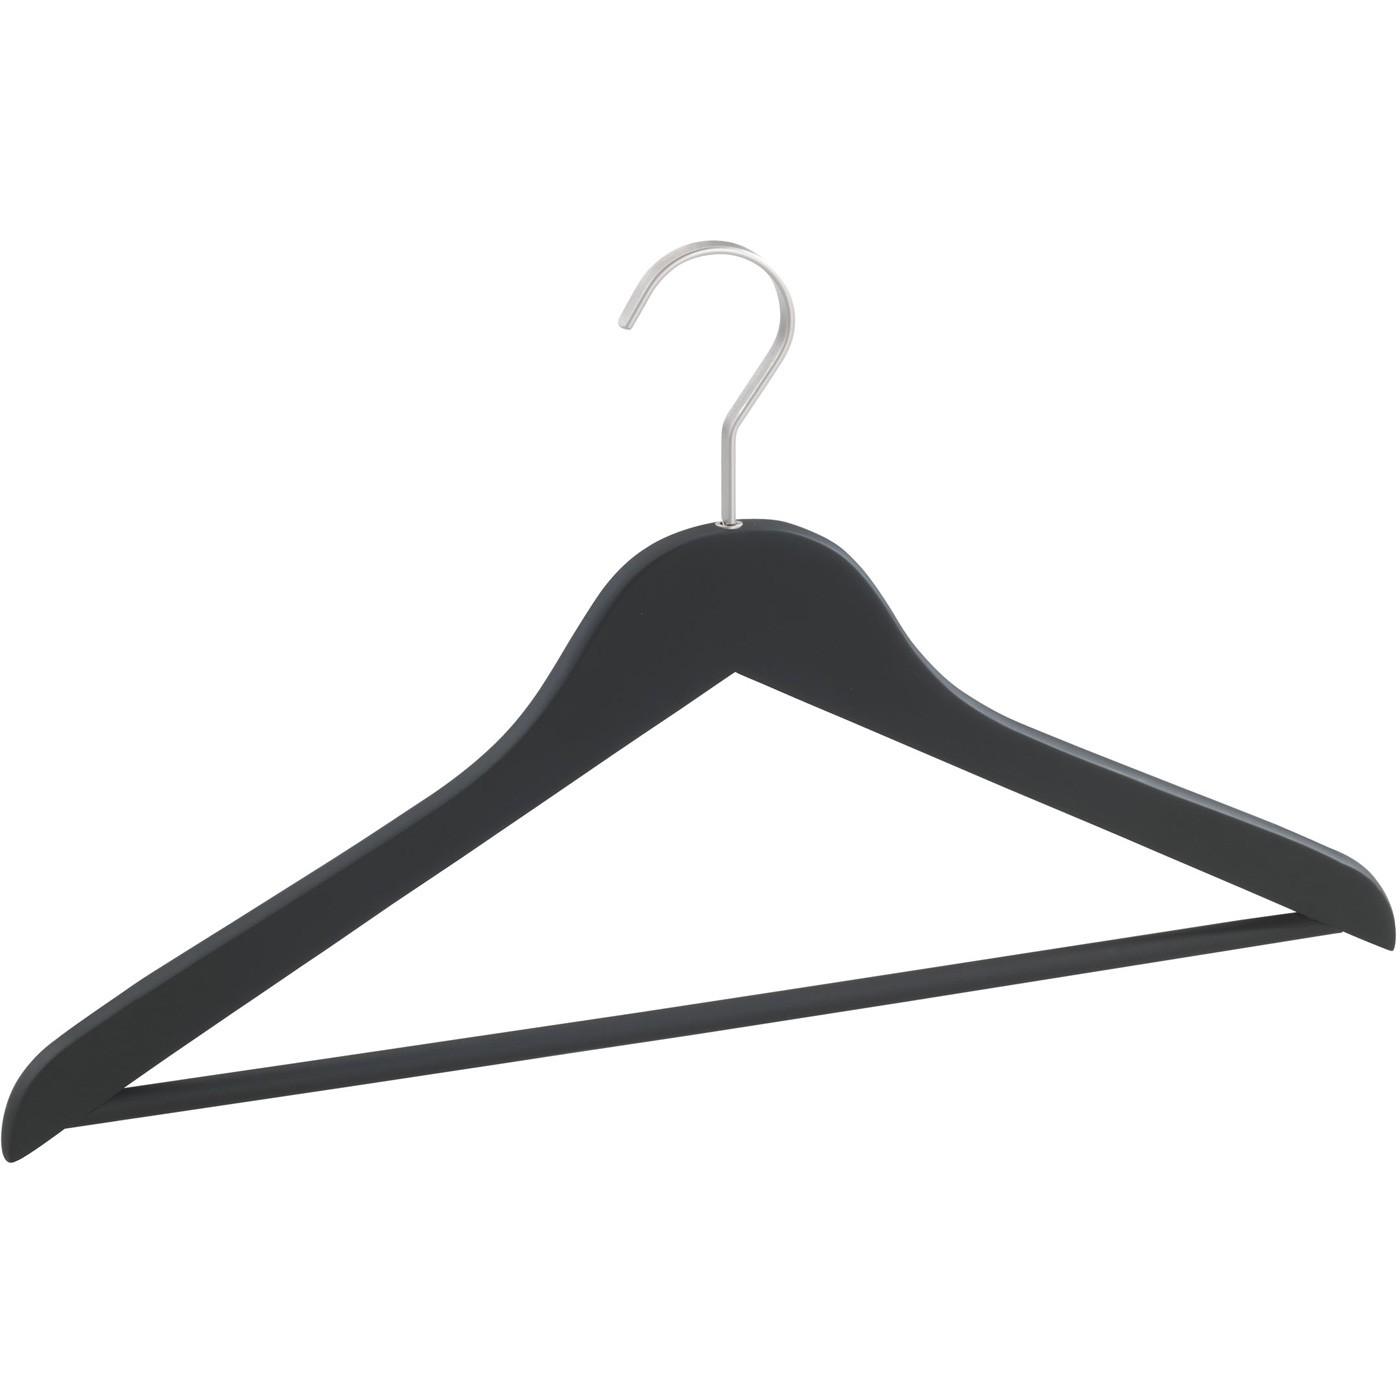 Kleiderbügel Holzbügel Garderobenbügel New York schwarz 45 cm rutschhemmend